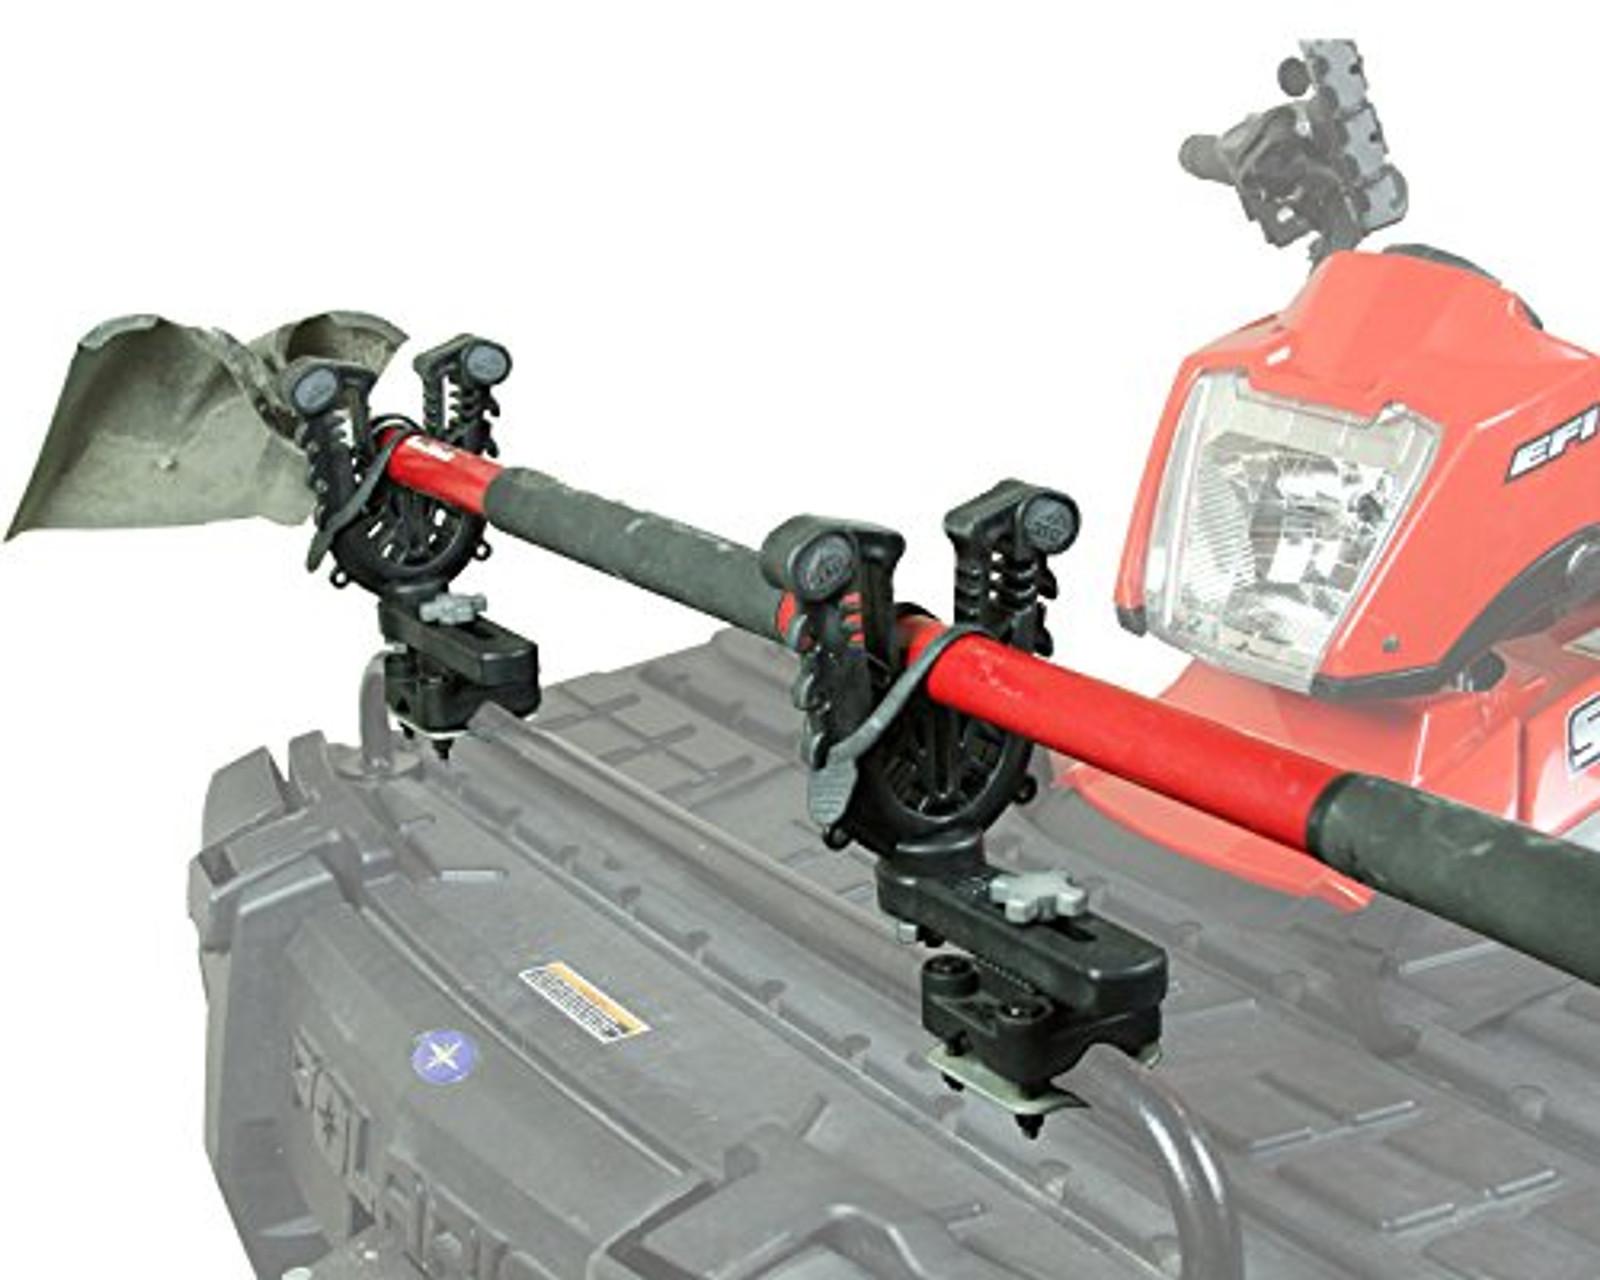 SINGLE FFG1 ATV TEK FLEXGRIP PRO